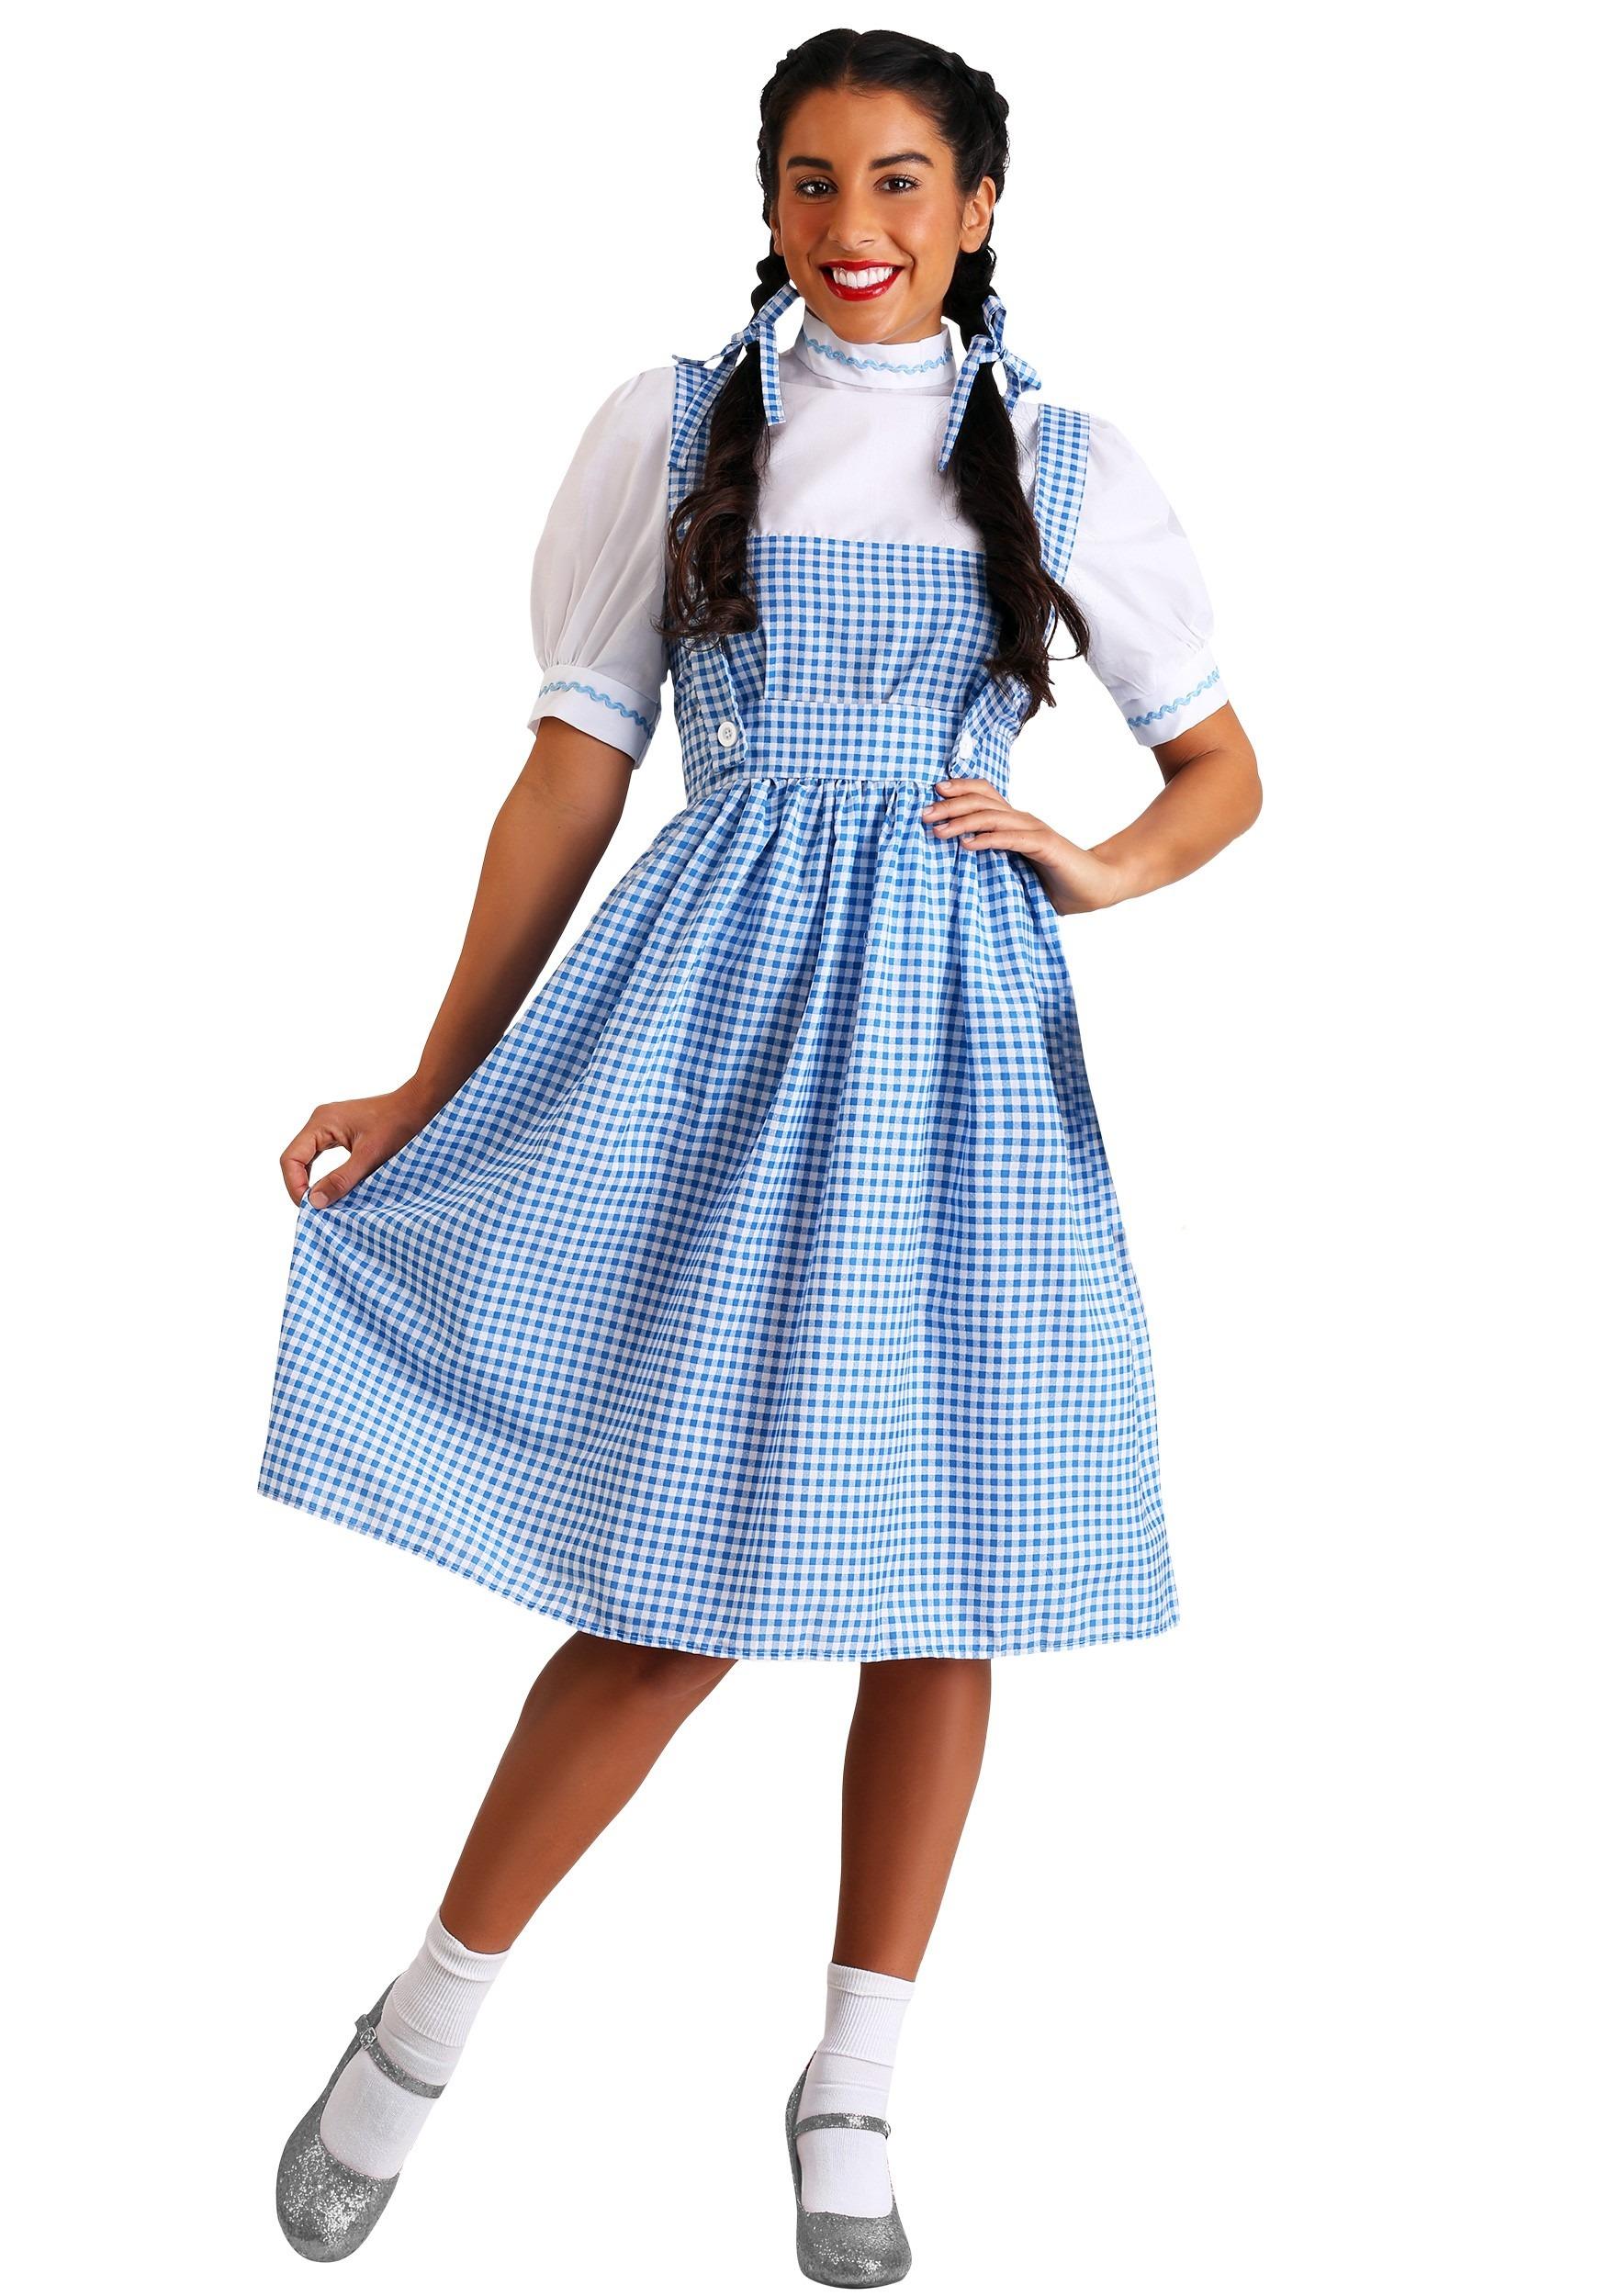 Women's Kansas Girl Long Dress Costume